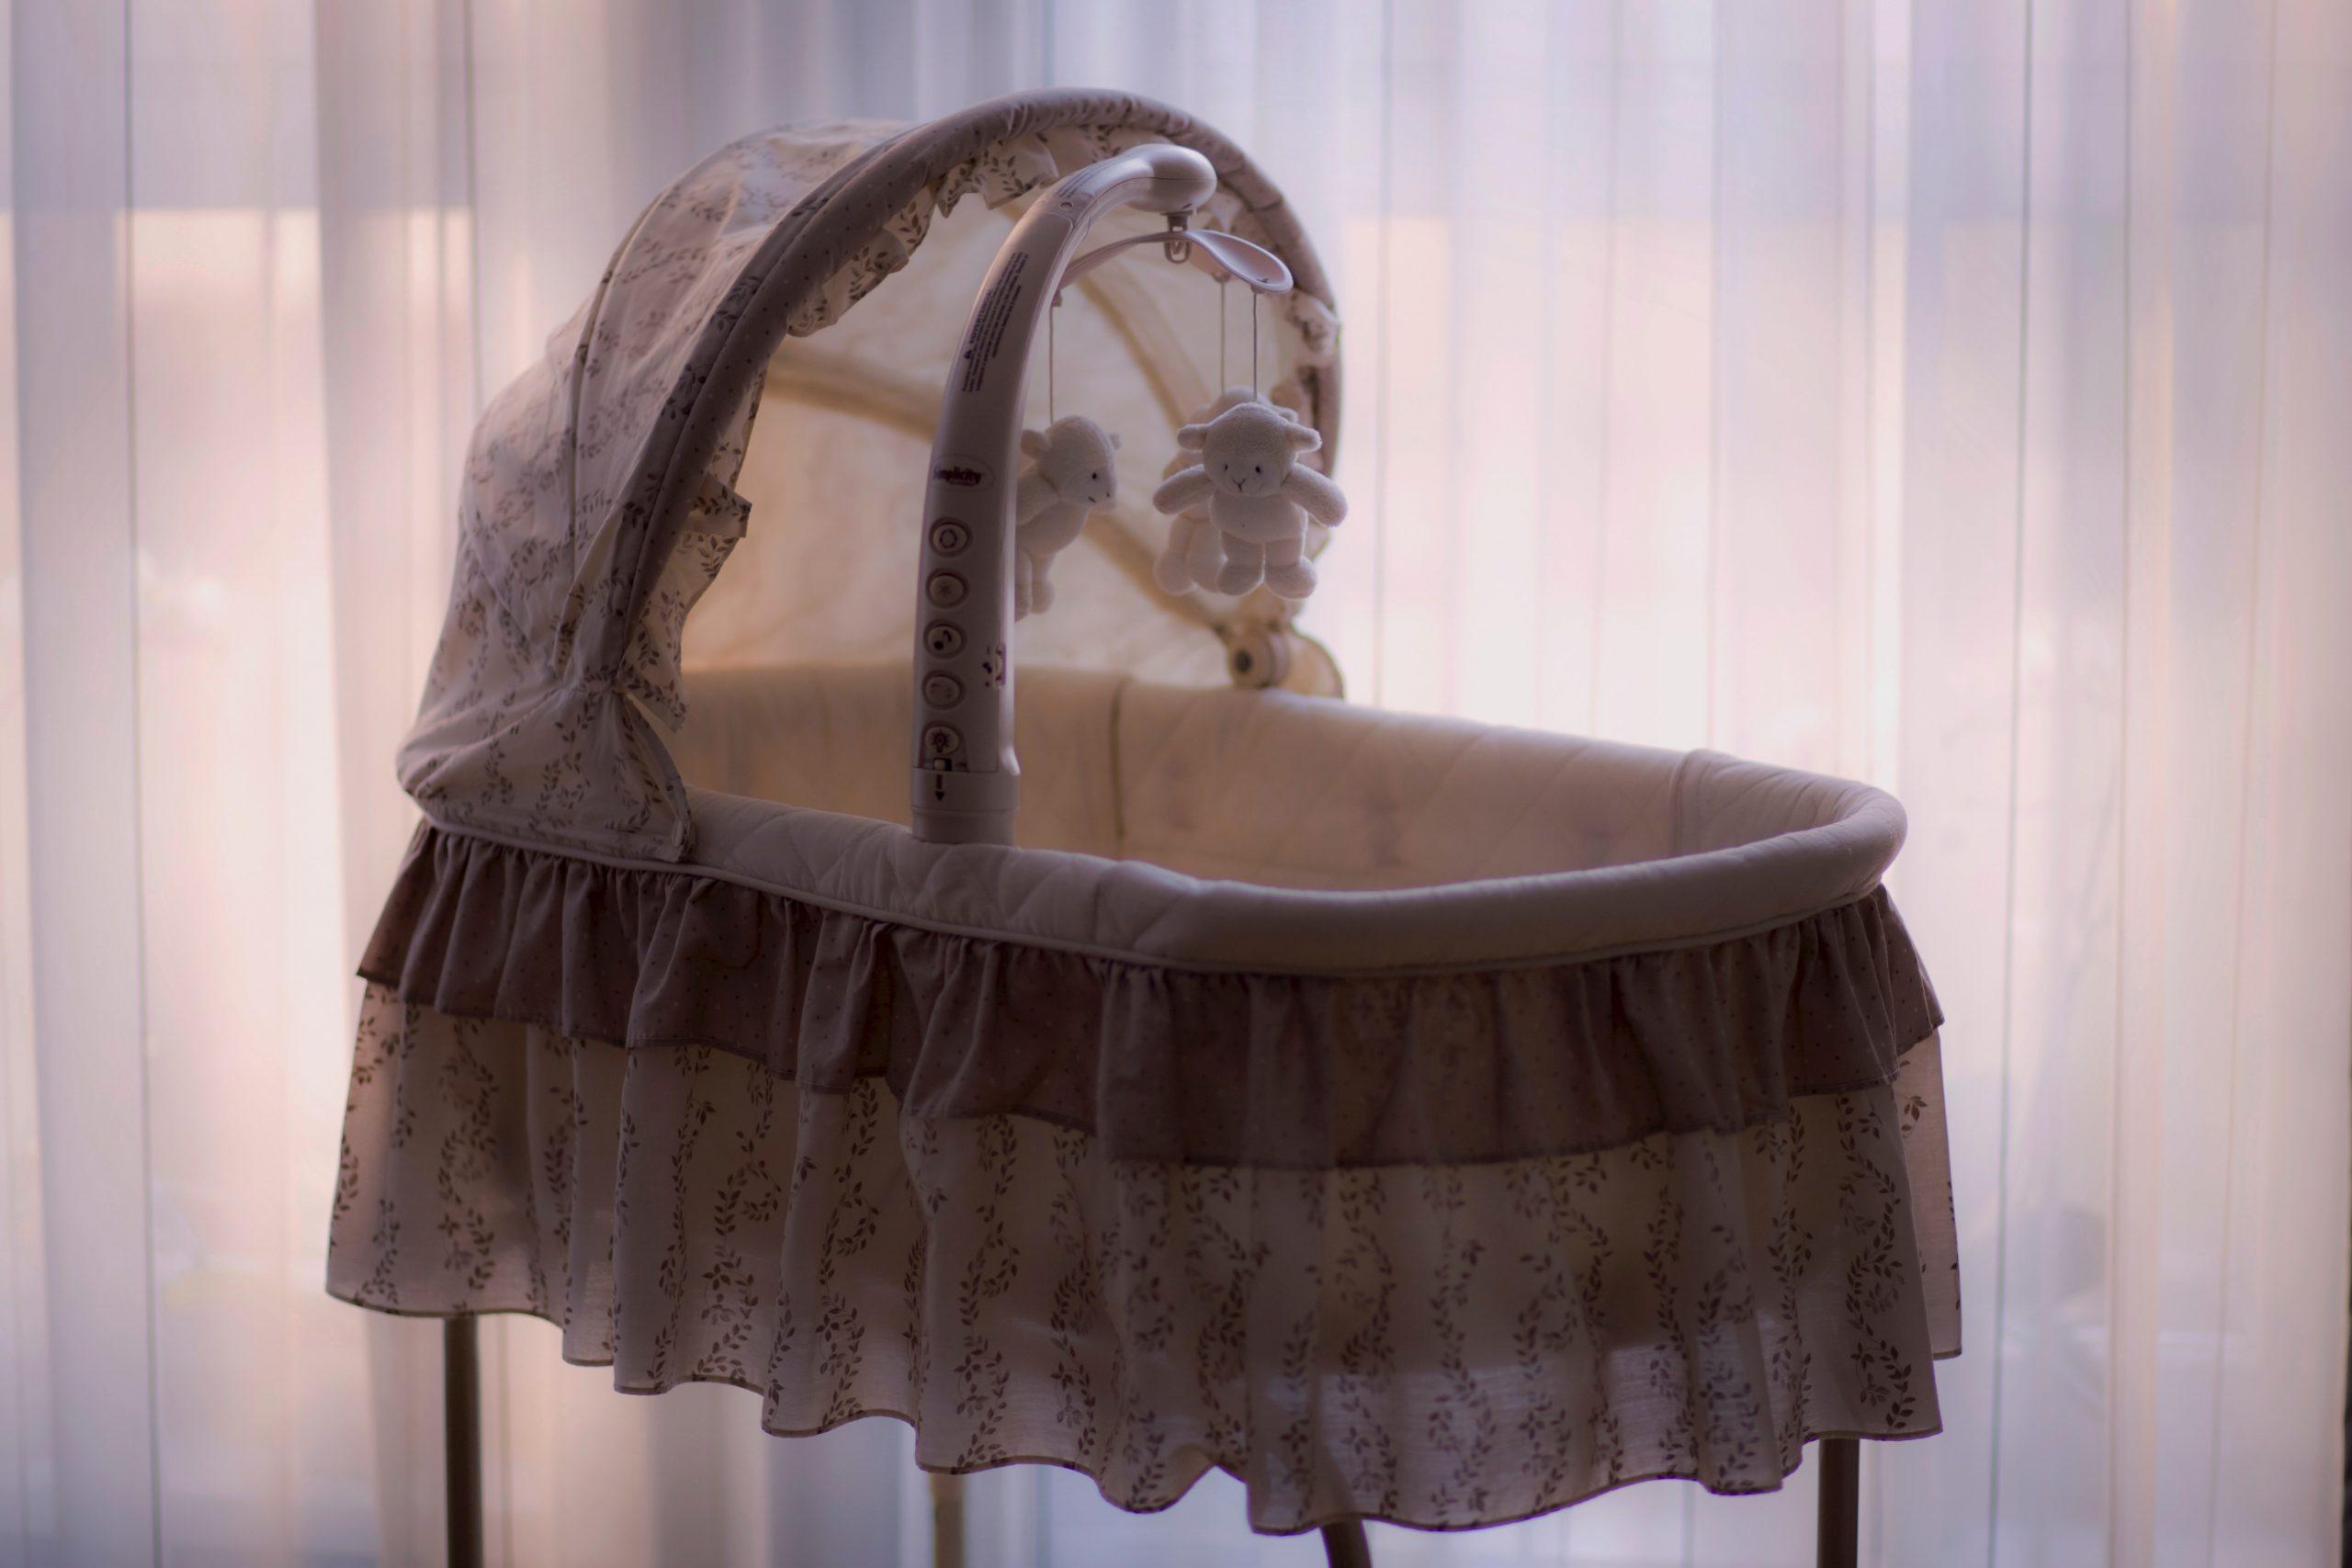 Na foto um berço de bebê com babados e um móbile de ovelhinhas.